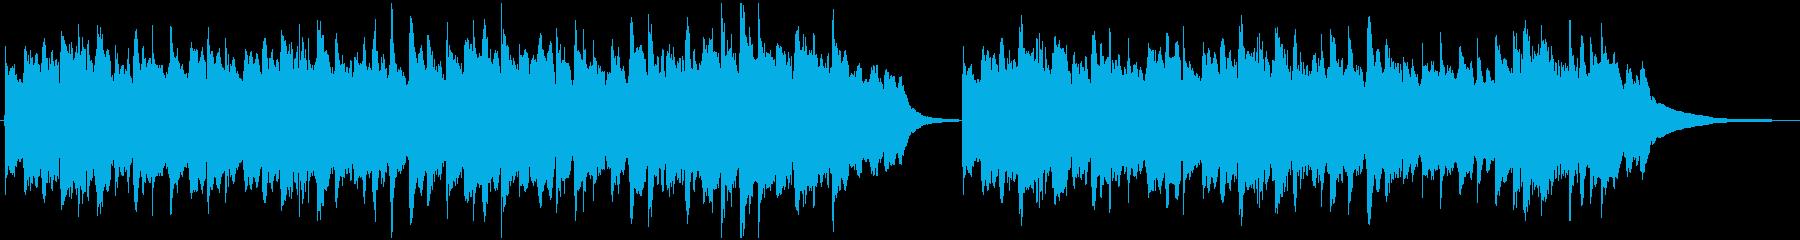 神秘的で美しいハープ曲の再生済みの波形